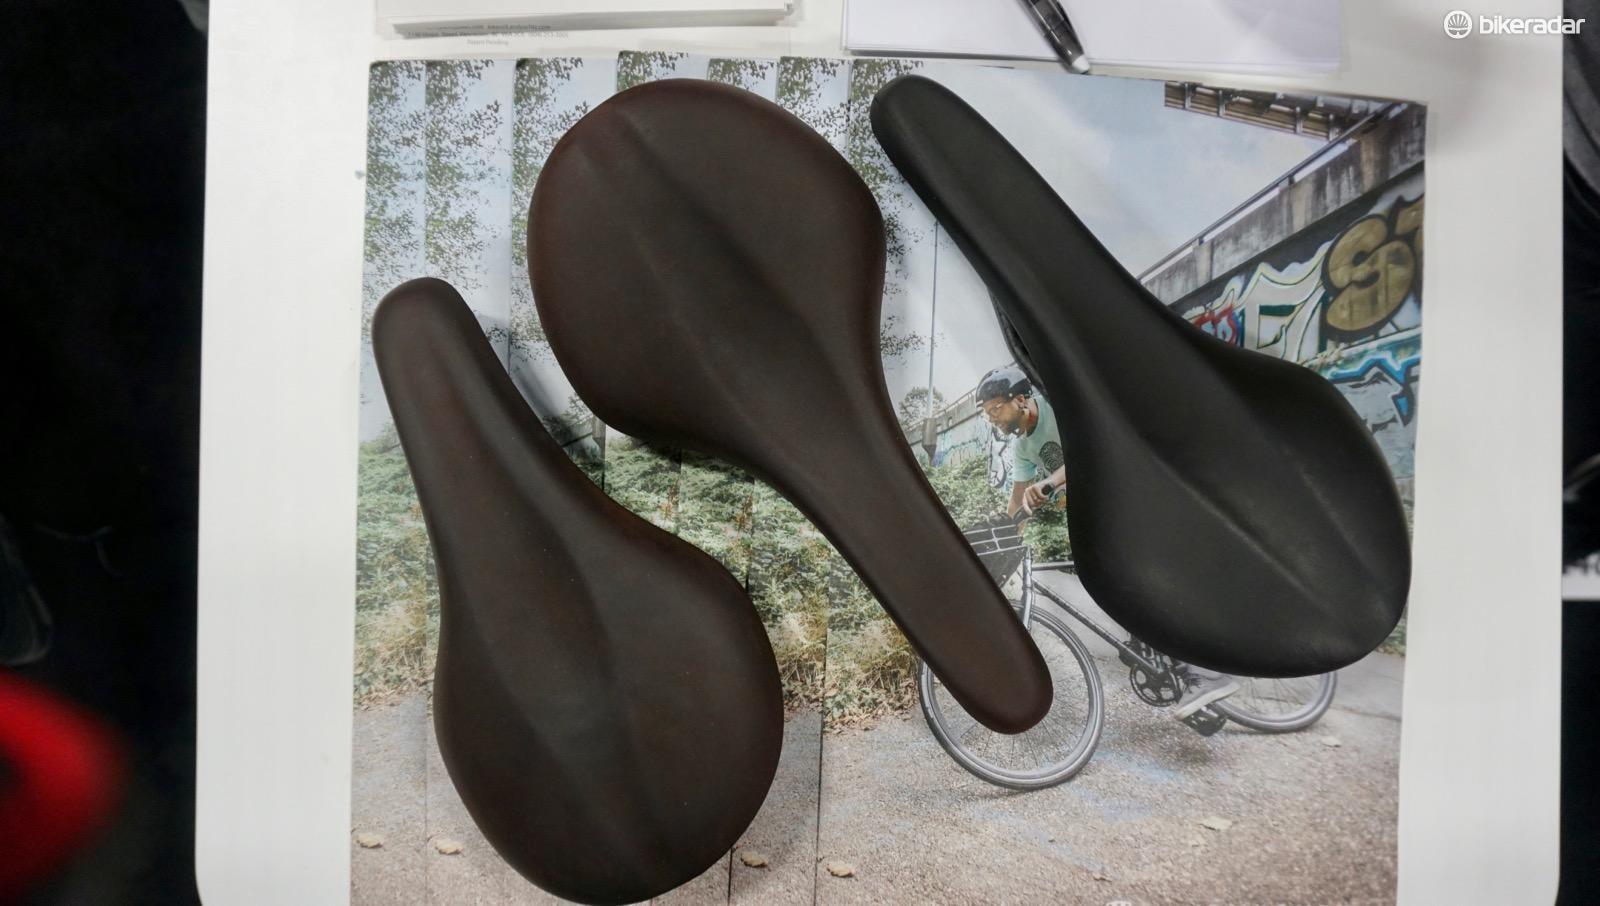 Landyachtz has three Forum saddle shapes